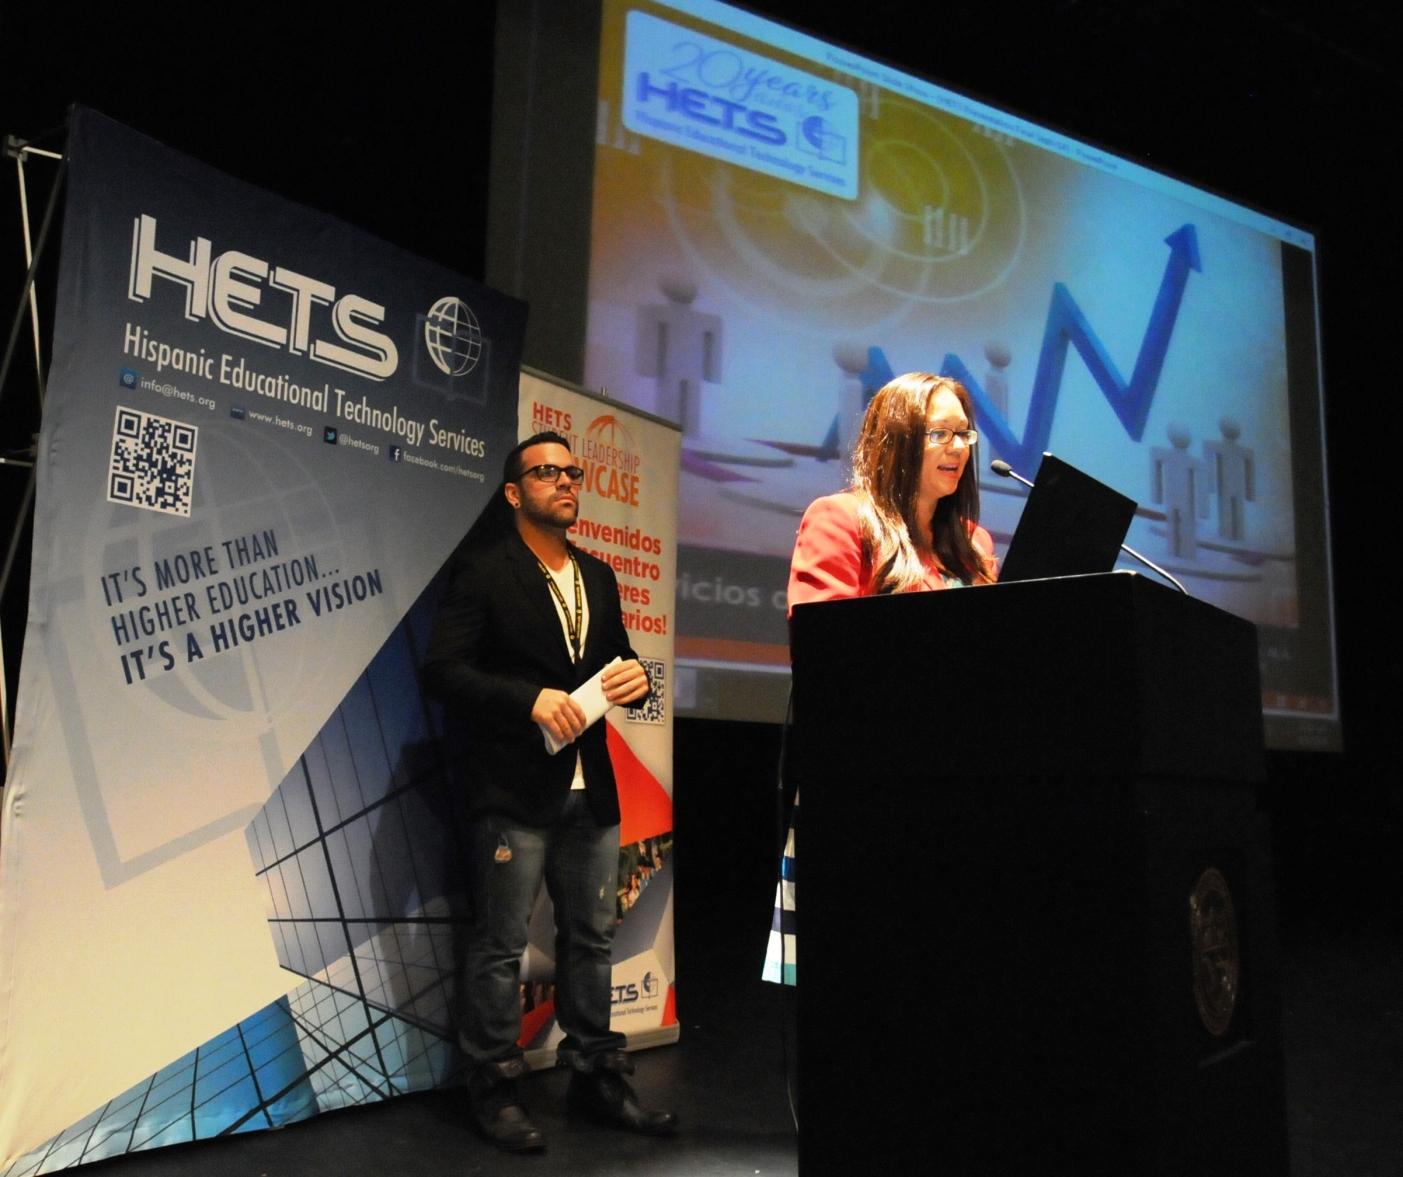 ¡Ya están disponibles! Accede aquí los videos de todas las presentaciones del HETS Student Leadership Showcase.